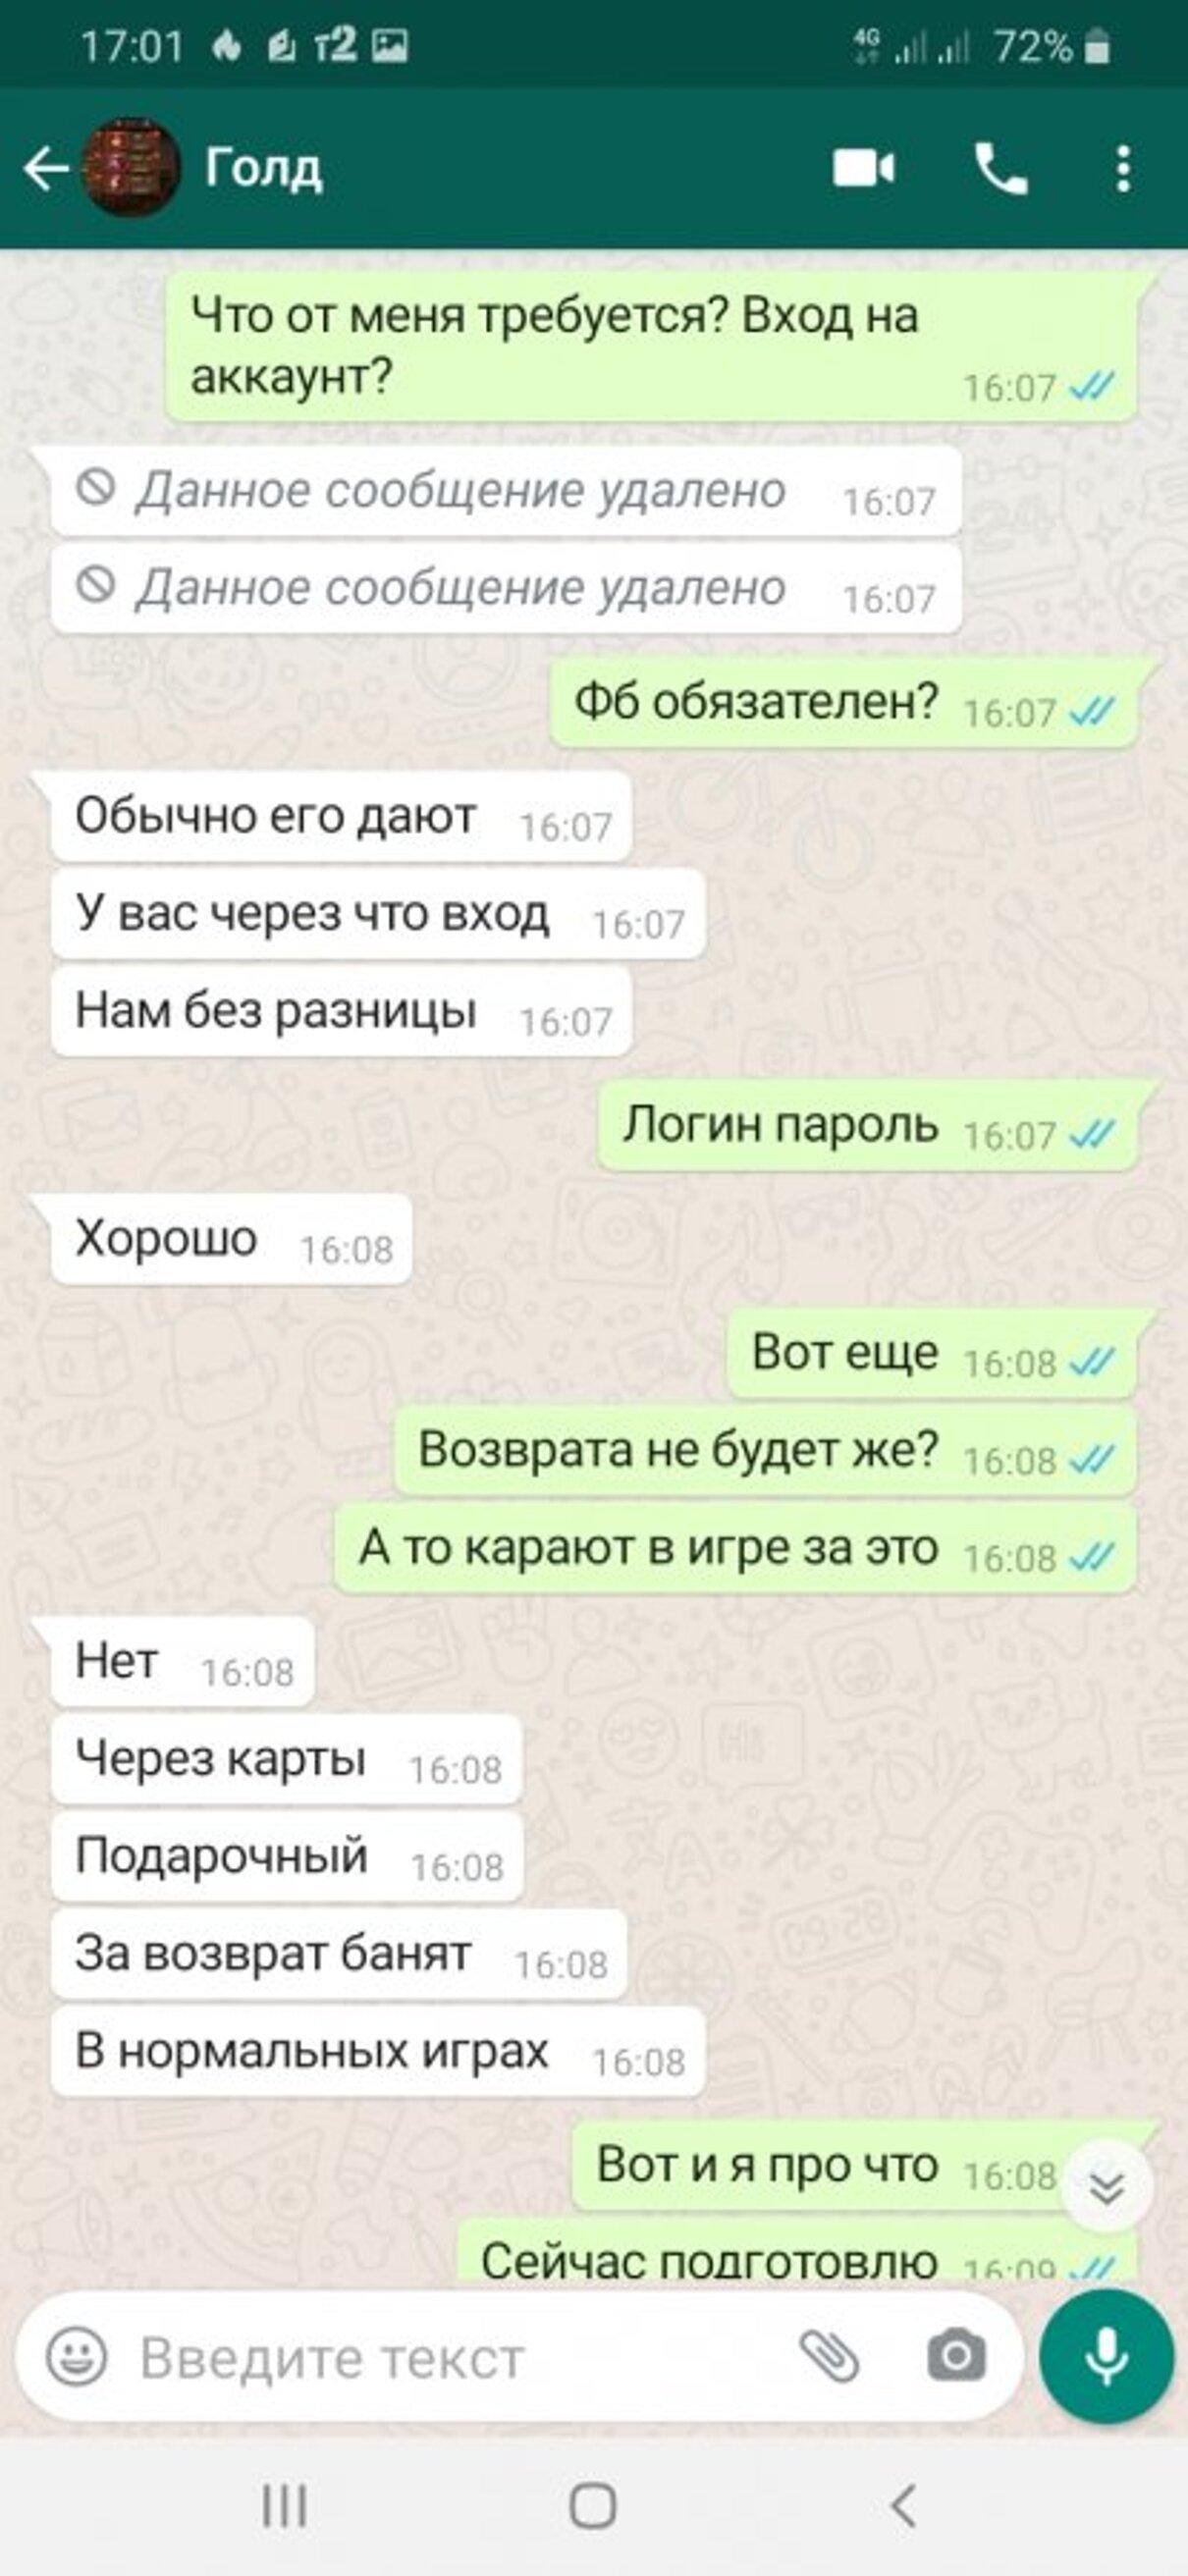 Жалоба-отзыв: Https://donat-games.ru - Мошенники с сайта https://donat-games.ru.  Фото №1